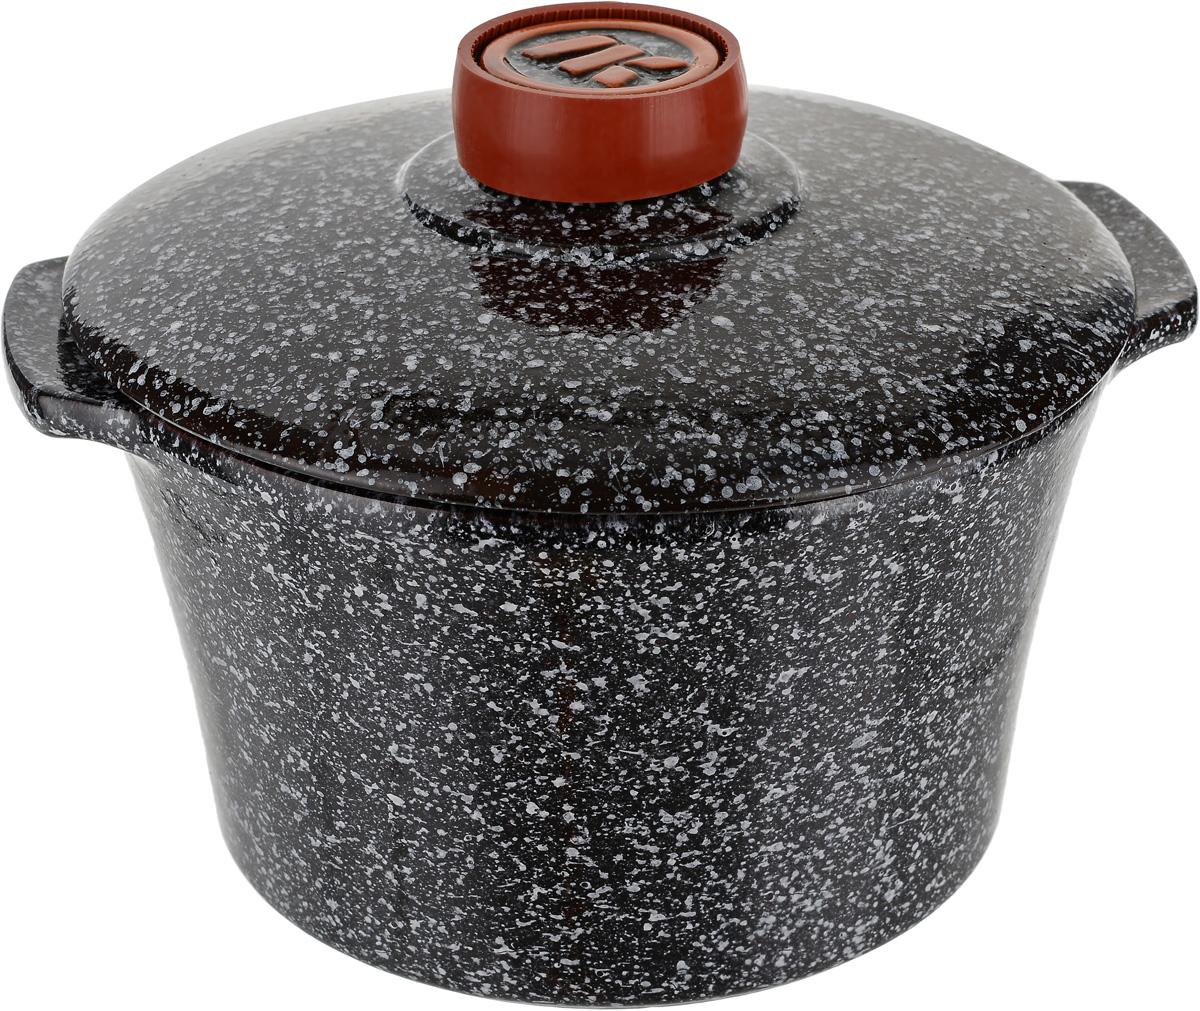 Кастрюля Ломоносовская керамика, с крышкой, цвет: черный, 2 л1КТчм-2Кастрюли подходят для использования на всех видах плит (для индукционных плит необходим специальный диск) , духовок, микроволновых печей, морозильных камерах и холодильниках. Пища в них не пригорает и сохраняет свой истинный аромат и вкус. Обладает свойством равномерного нагрева и остывания. Благодаря этому термостойкие керамические кастрюли идеально подходят для приготовления блюд, требующих долгого томления на огне. Пища, приготовленная в такой посуде, сохраняет максимум витаминов и минеральных веществ и долго остается горячим. Приготовленное блюдо можно не перекладывать и подавать на стол, а также хранить в холодильнике. Готовя в термостойких керамических кастрюлях вы получите узнаваемый вкус с новыми возможностями.